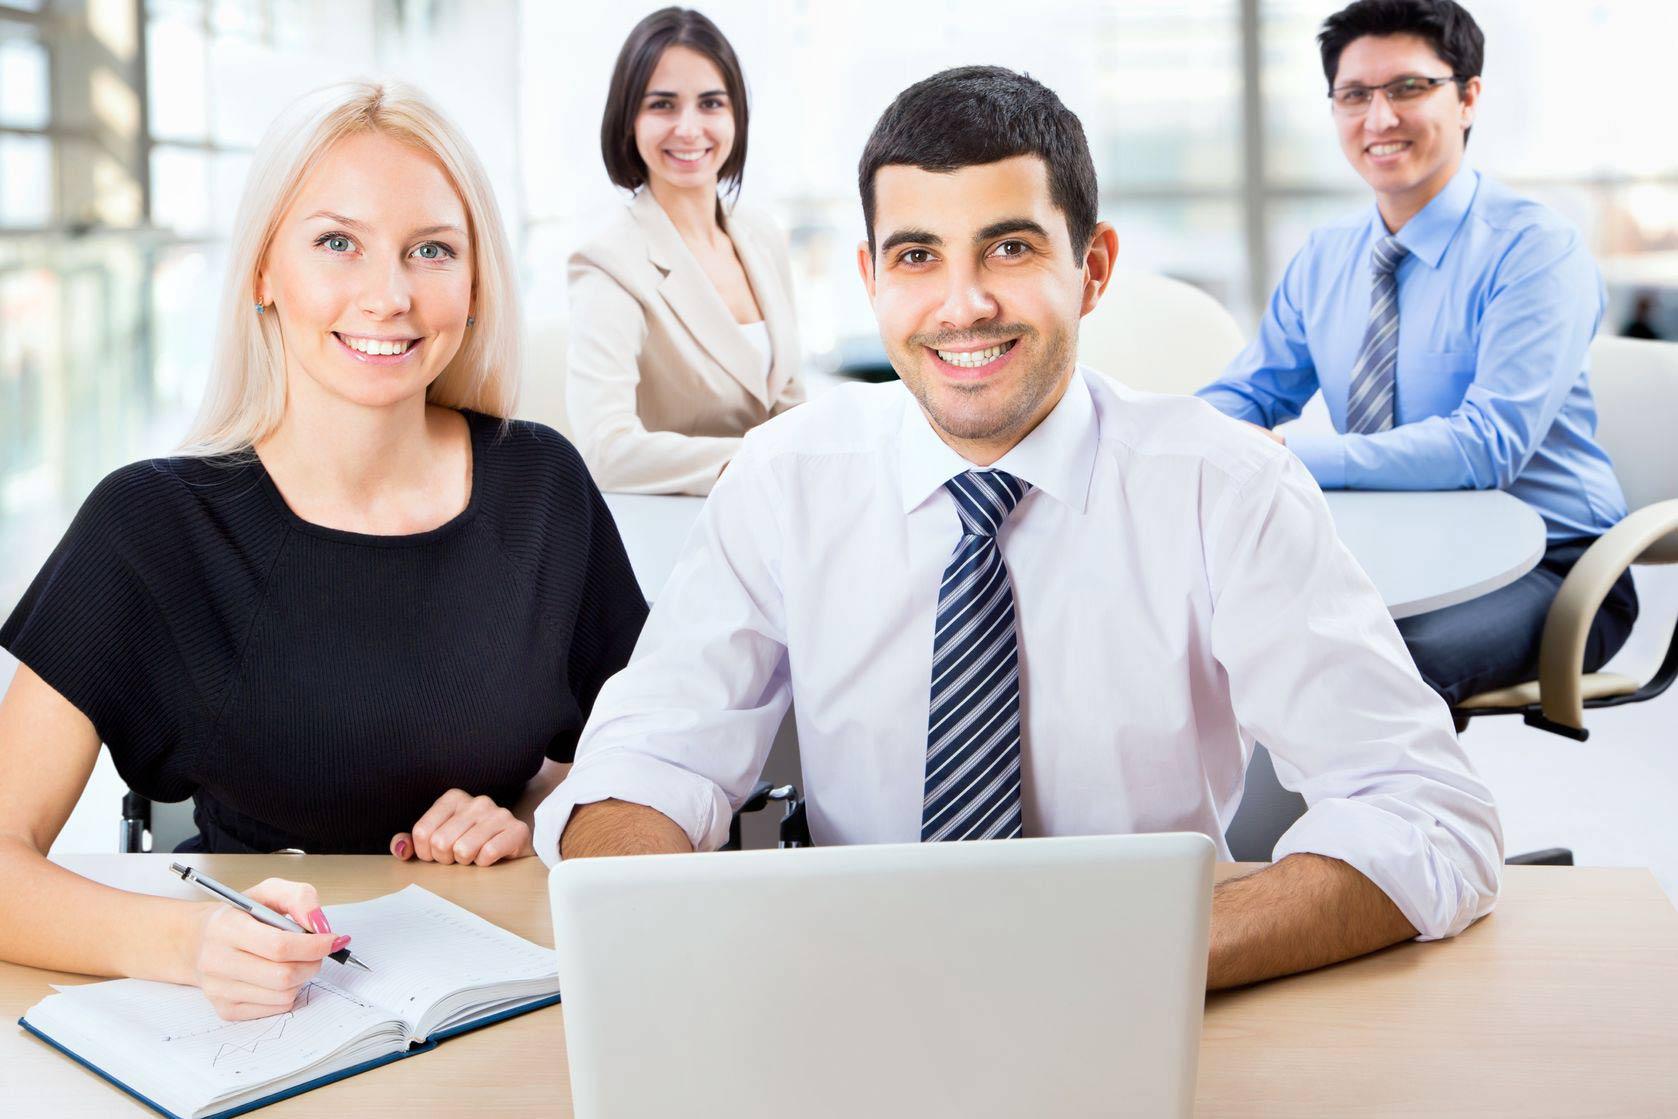 Вебинар: Успешный стартап. Как запустить свой бизнес сегодня.